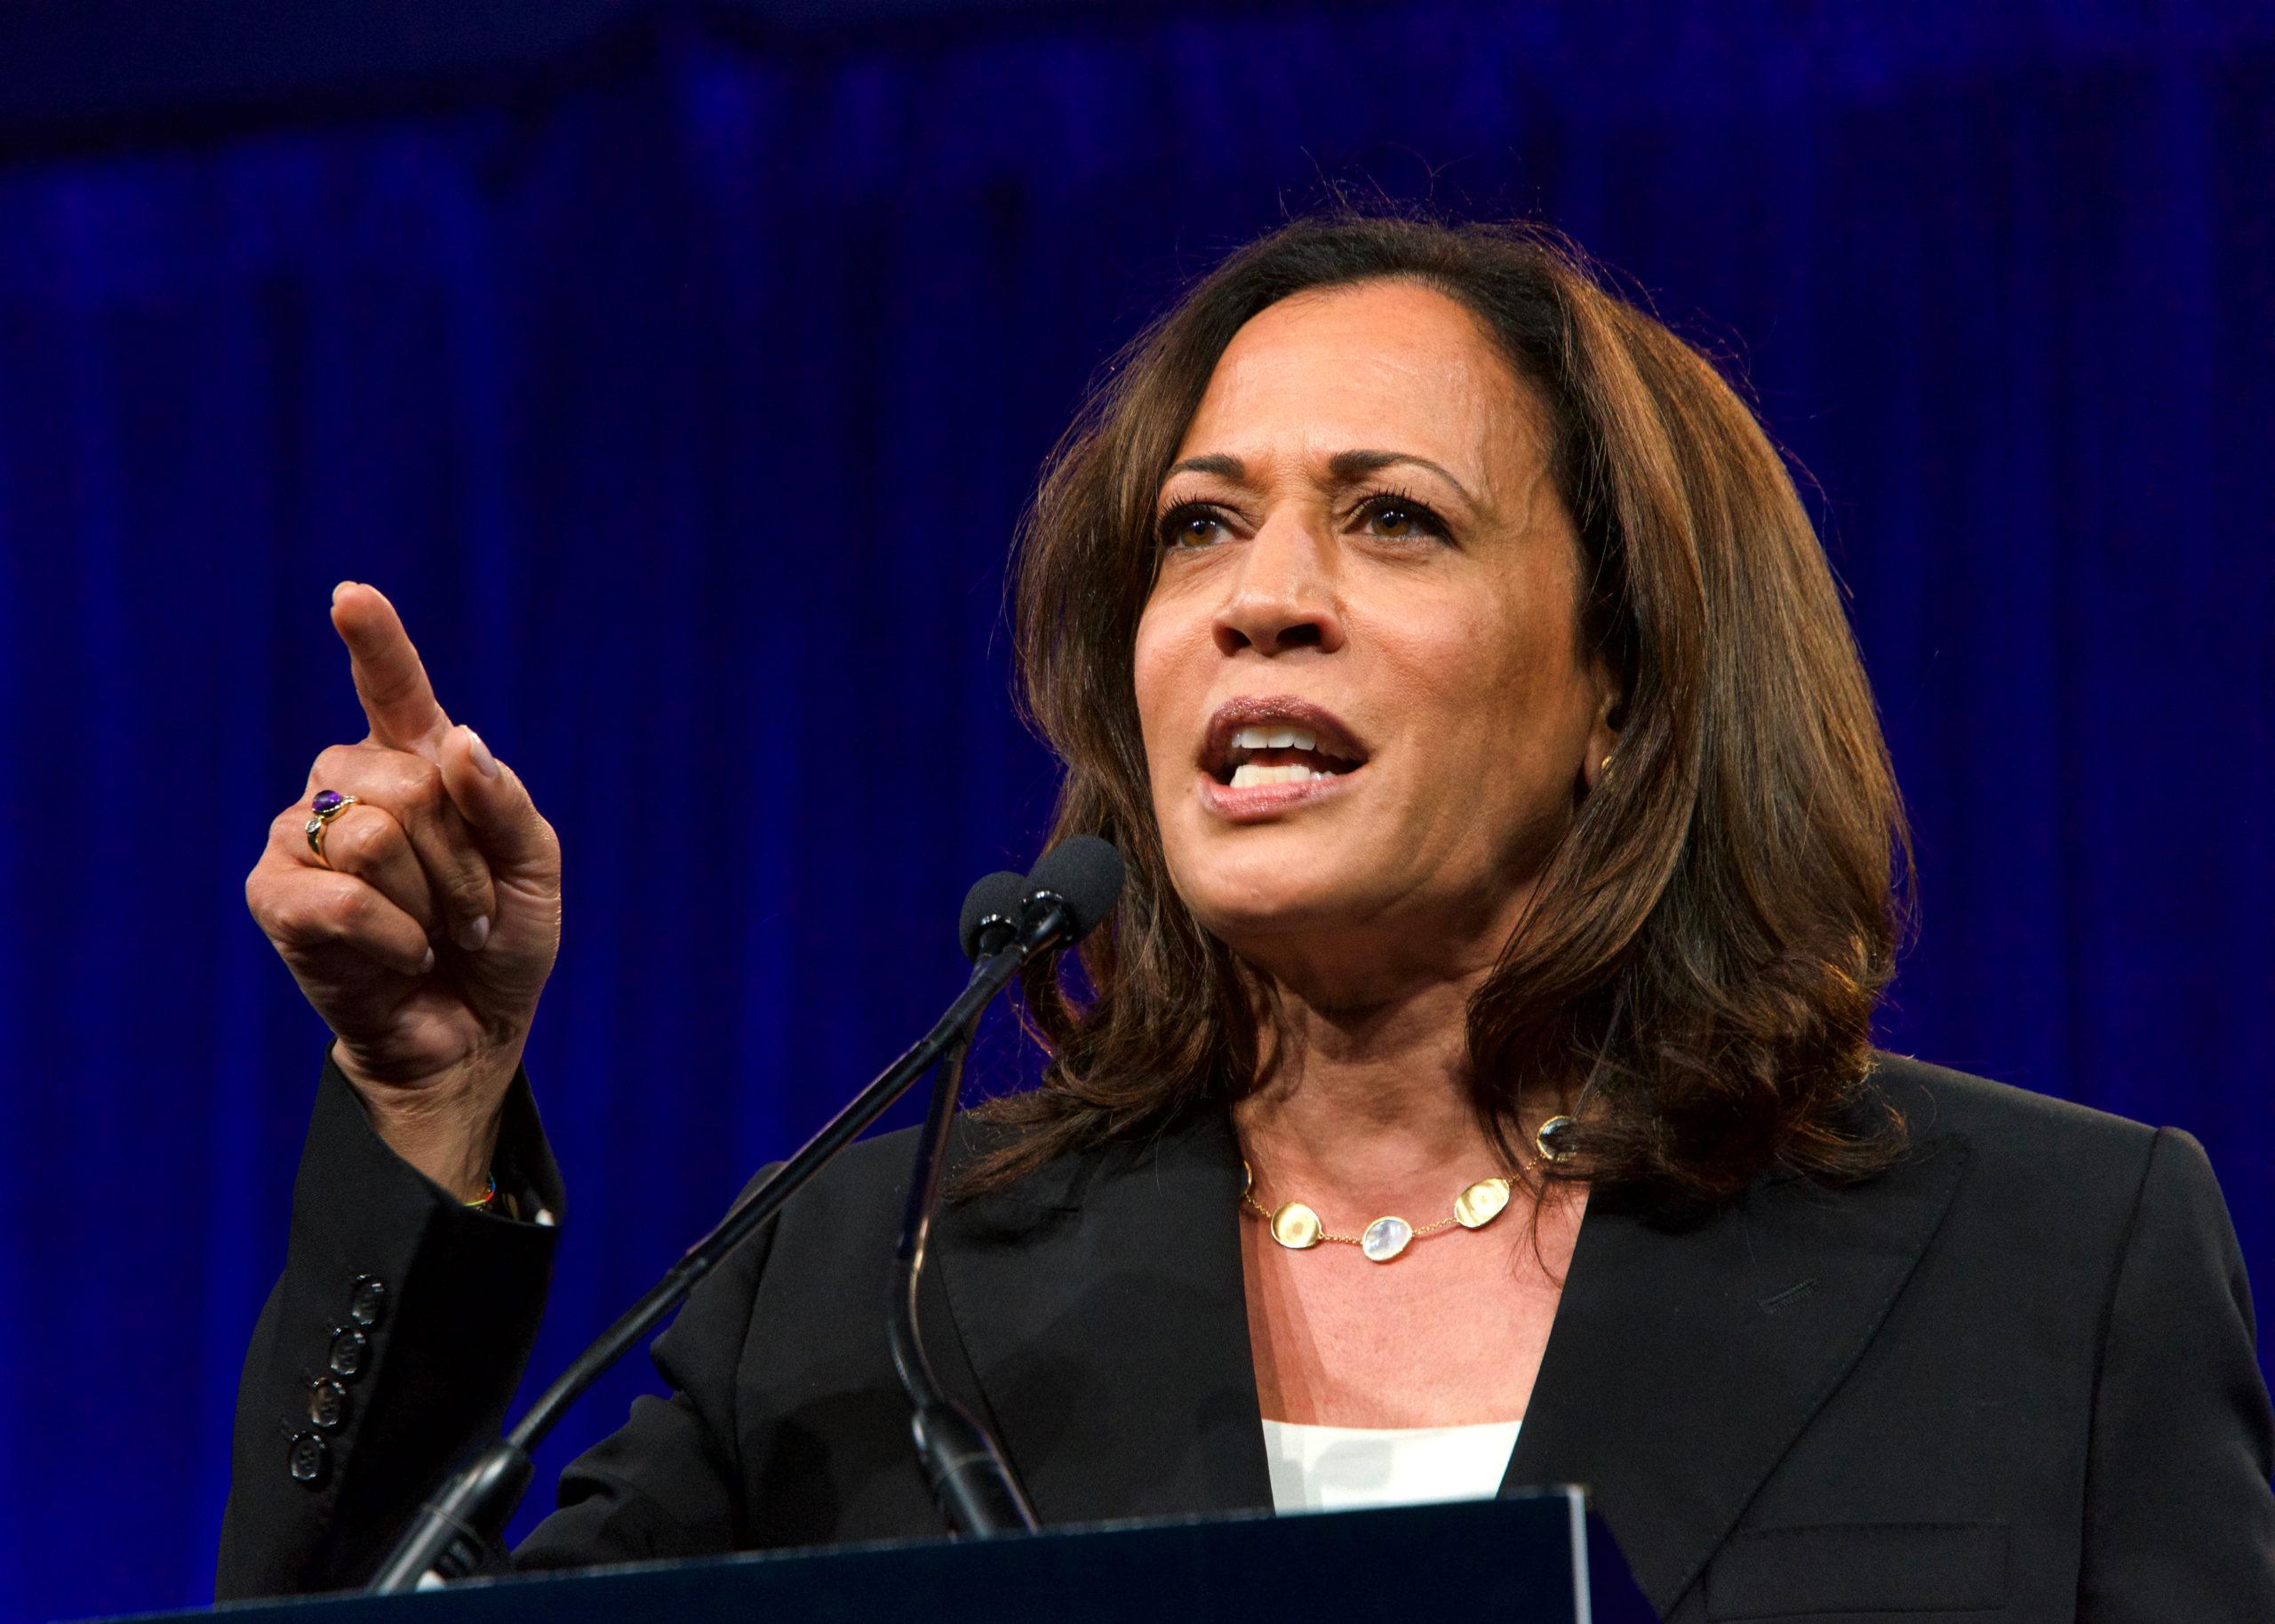 Kamala Harris: la primera vicepresidenta mujer y de color de Estados Unidos